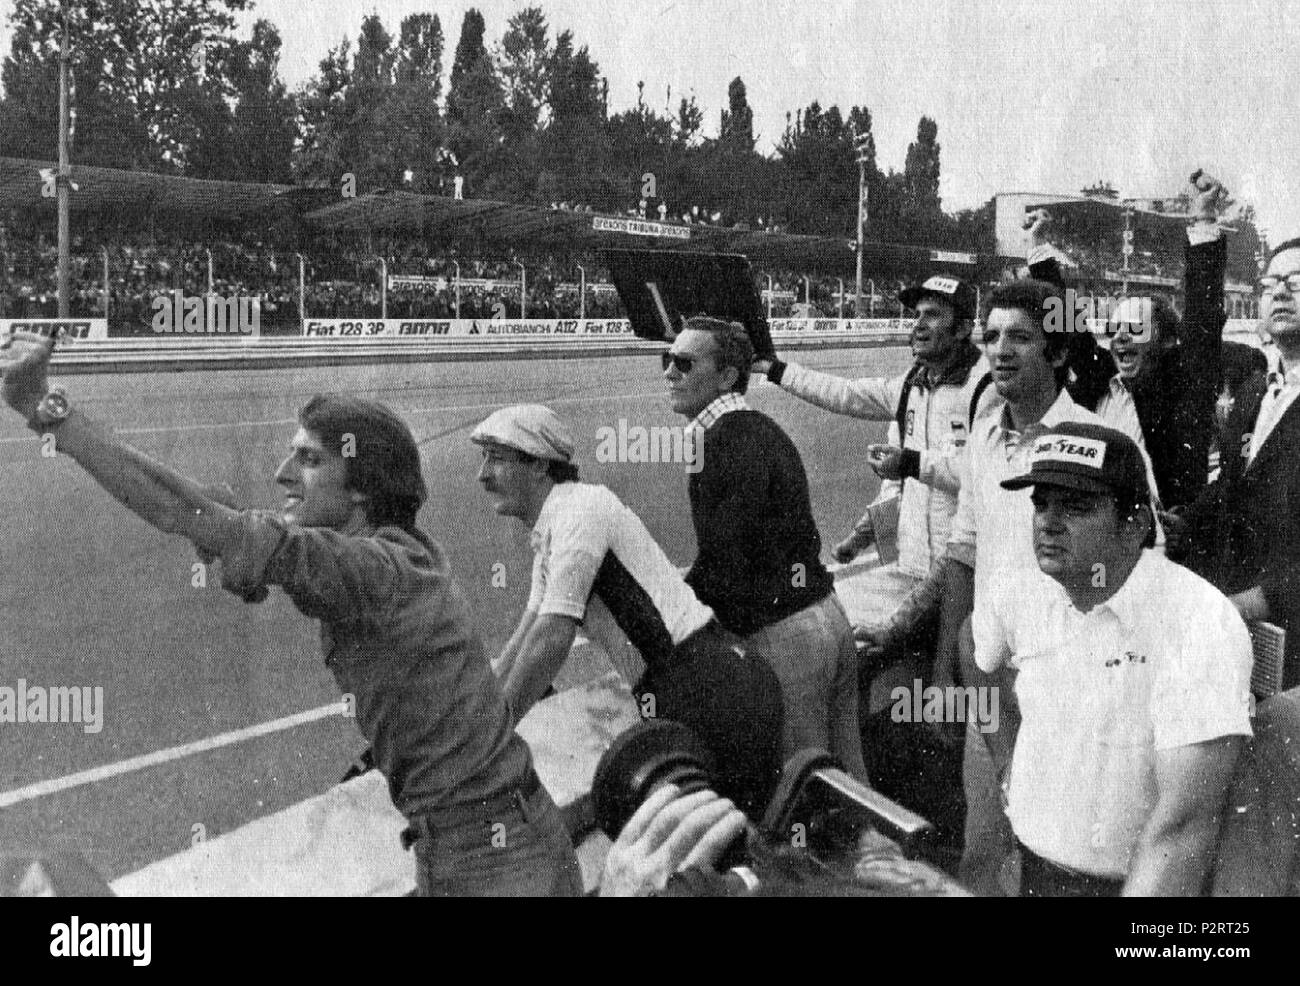 """. Italiano: Monza, Autodromo Nazionale, 7 settembre 1975. XLVI Gran Premio d'Italia. Il box della Scuderia Ferrari, a pochi giri dal termine, incita dal muretto il suo pilota, lo svizzero Clay Regazzoni, in testa alla corsa; si riconosce (a sinistra) il team manager della scuderia, Luca Cordero di Montezemolo. """"Cinquantesimo giro, Regazzoni sbuca dalla parabolica, ed i cartelli sono ormai superflui. Dal box Ferrari si alzano le braccia in segno di vittoria, il gesto di Luca Montezemolo è eloquente.""""  . 7 September 1975. Unknown 2 1975 Italian GP - Ferrari box rejoices Stock Photo"""